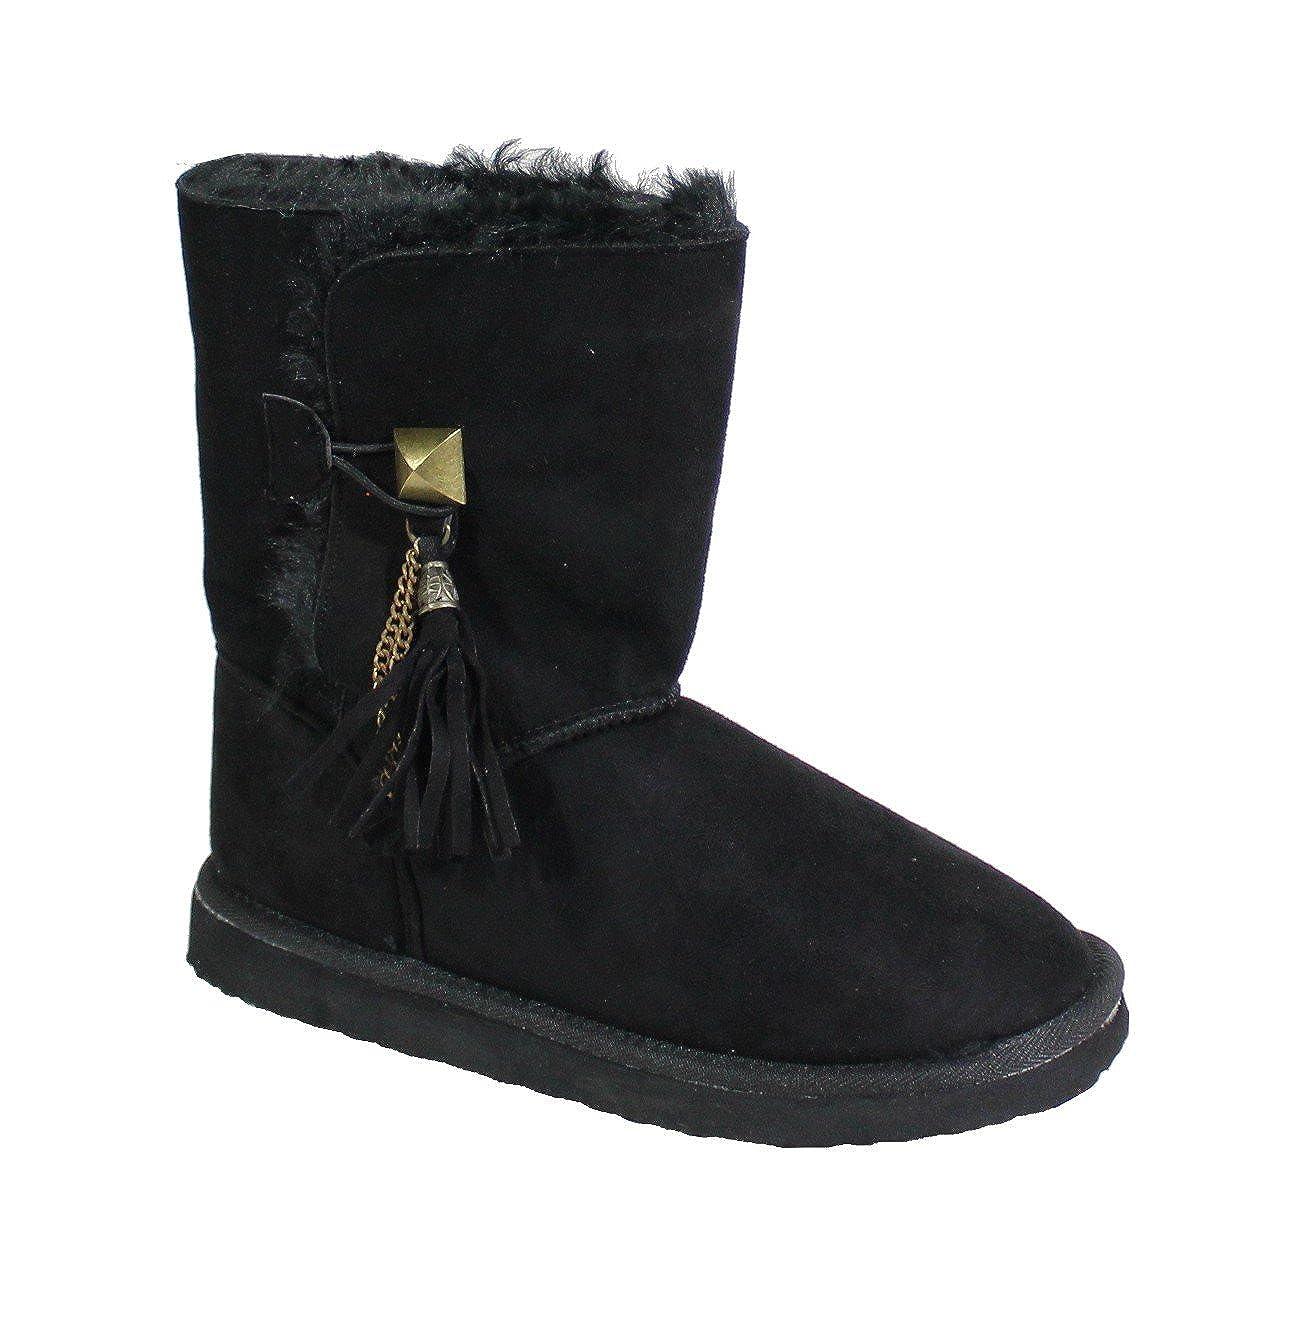 By Shoes Bottine Fourrée Style By Daim Shoes 10749 - Femme - SS - S46 Black 9e9d065 - boatplans.space